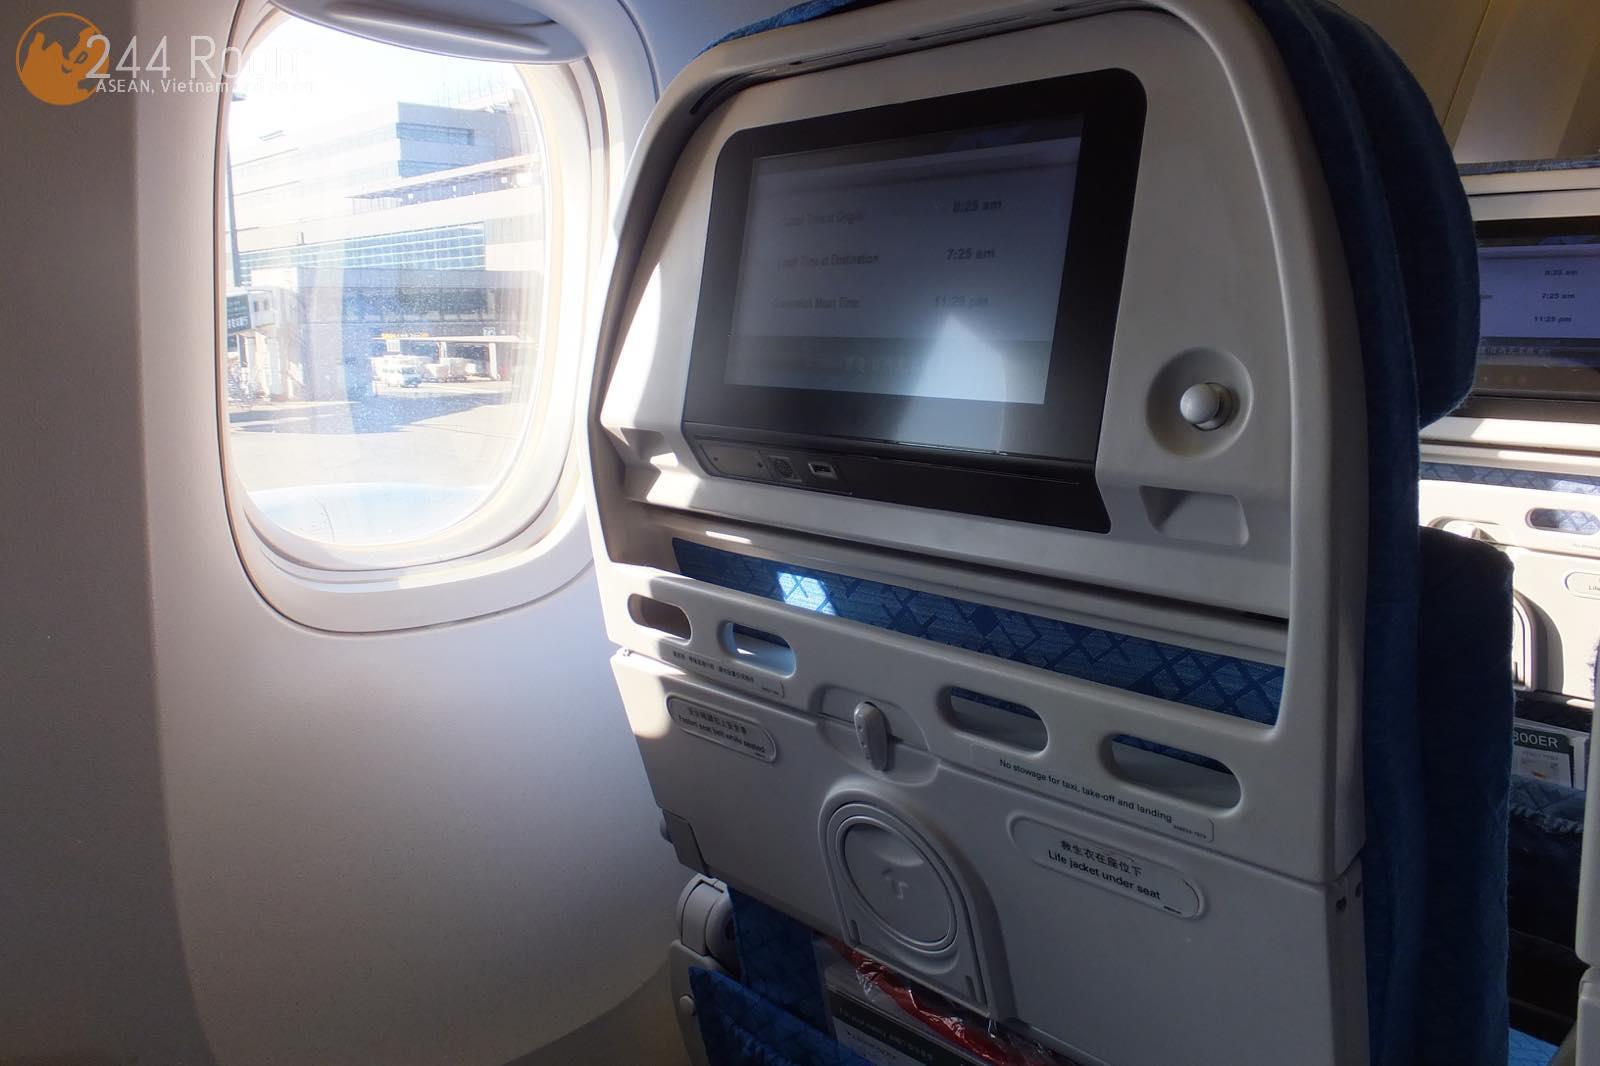 キャセイパシフィックエコノミー座席 CX-Economy-seat